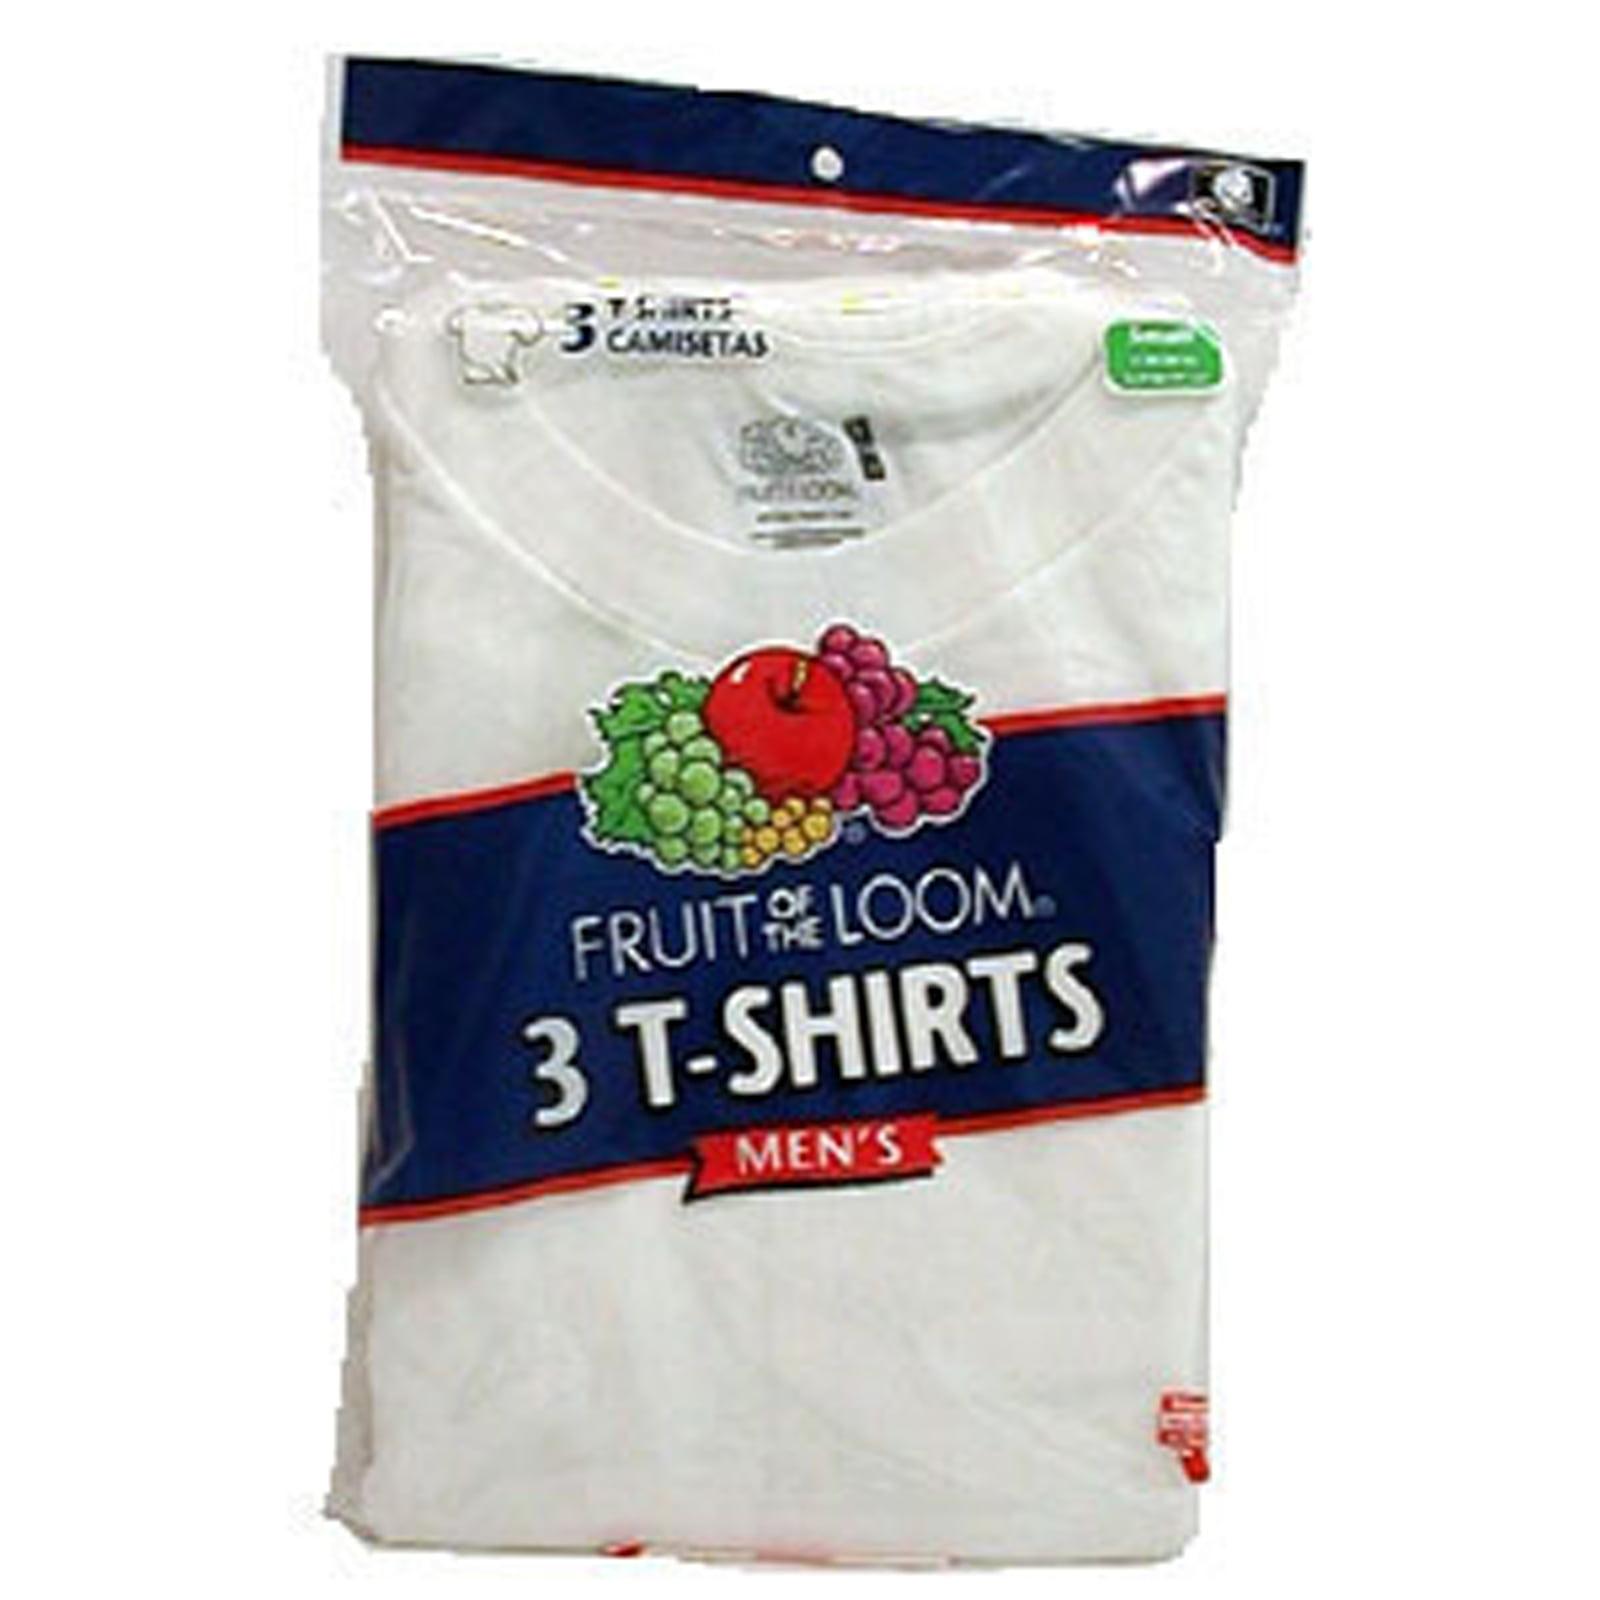 Men's White Crew Neck T-Shirts 3-Pack, White, 3Xl - 1 Pkg